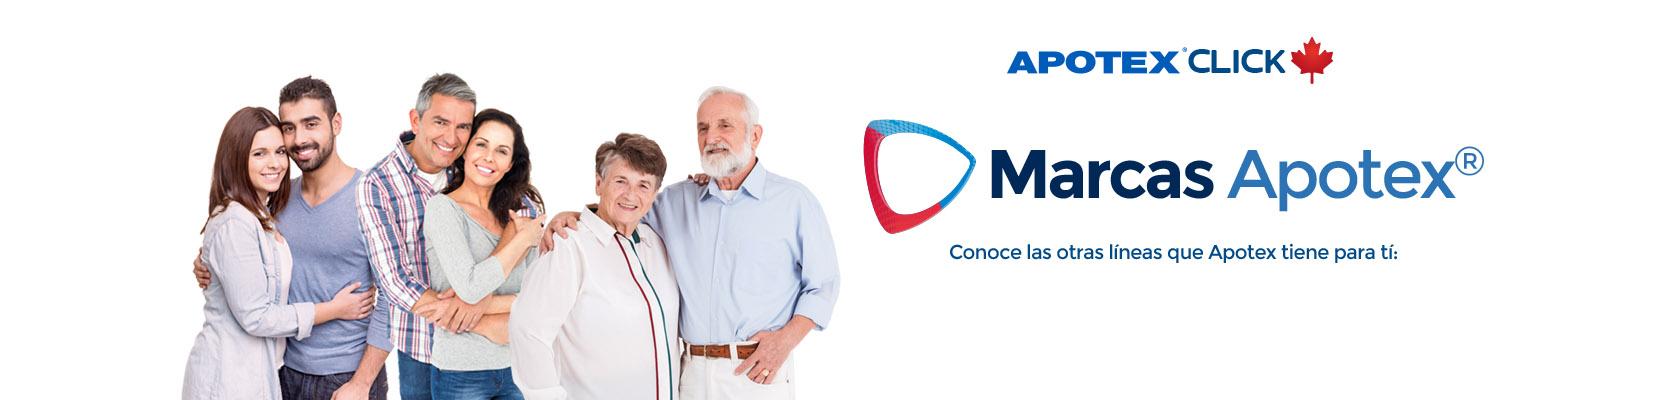 Marcas_Apotex_1680x400-1-